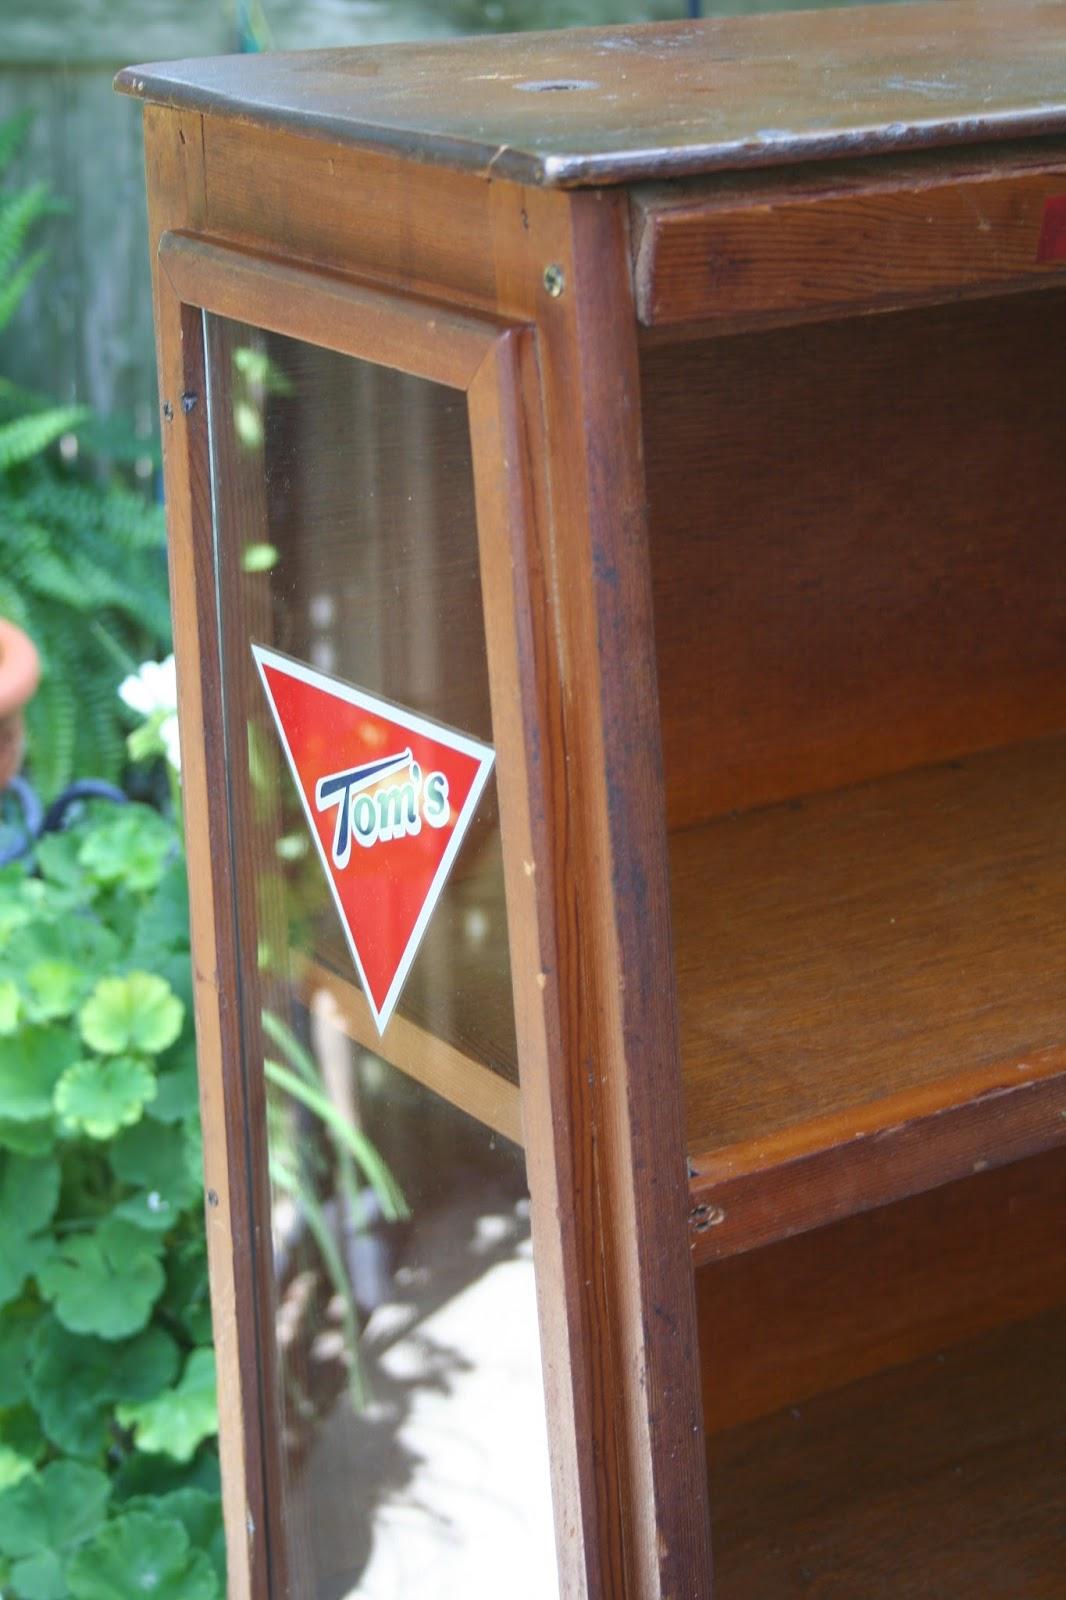 Vintage Tom's Candy Cabinet